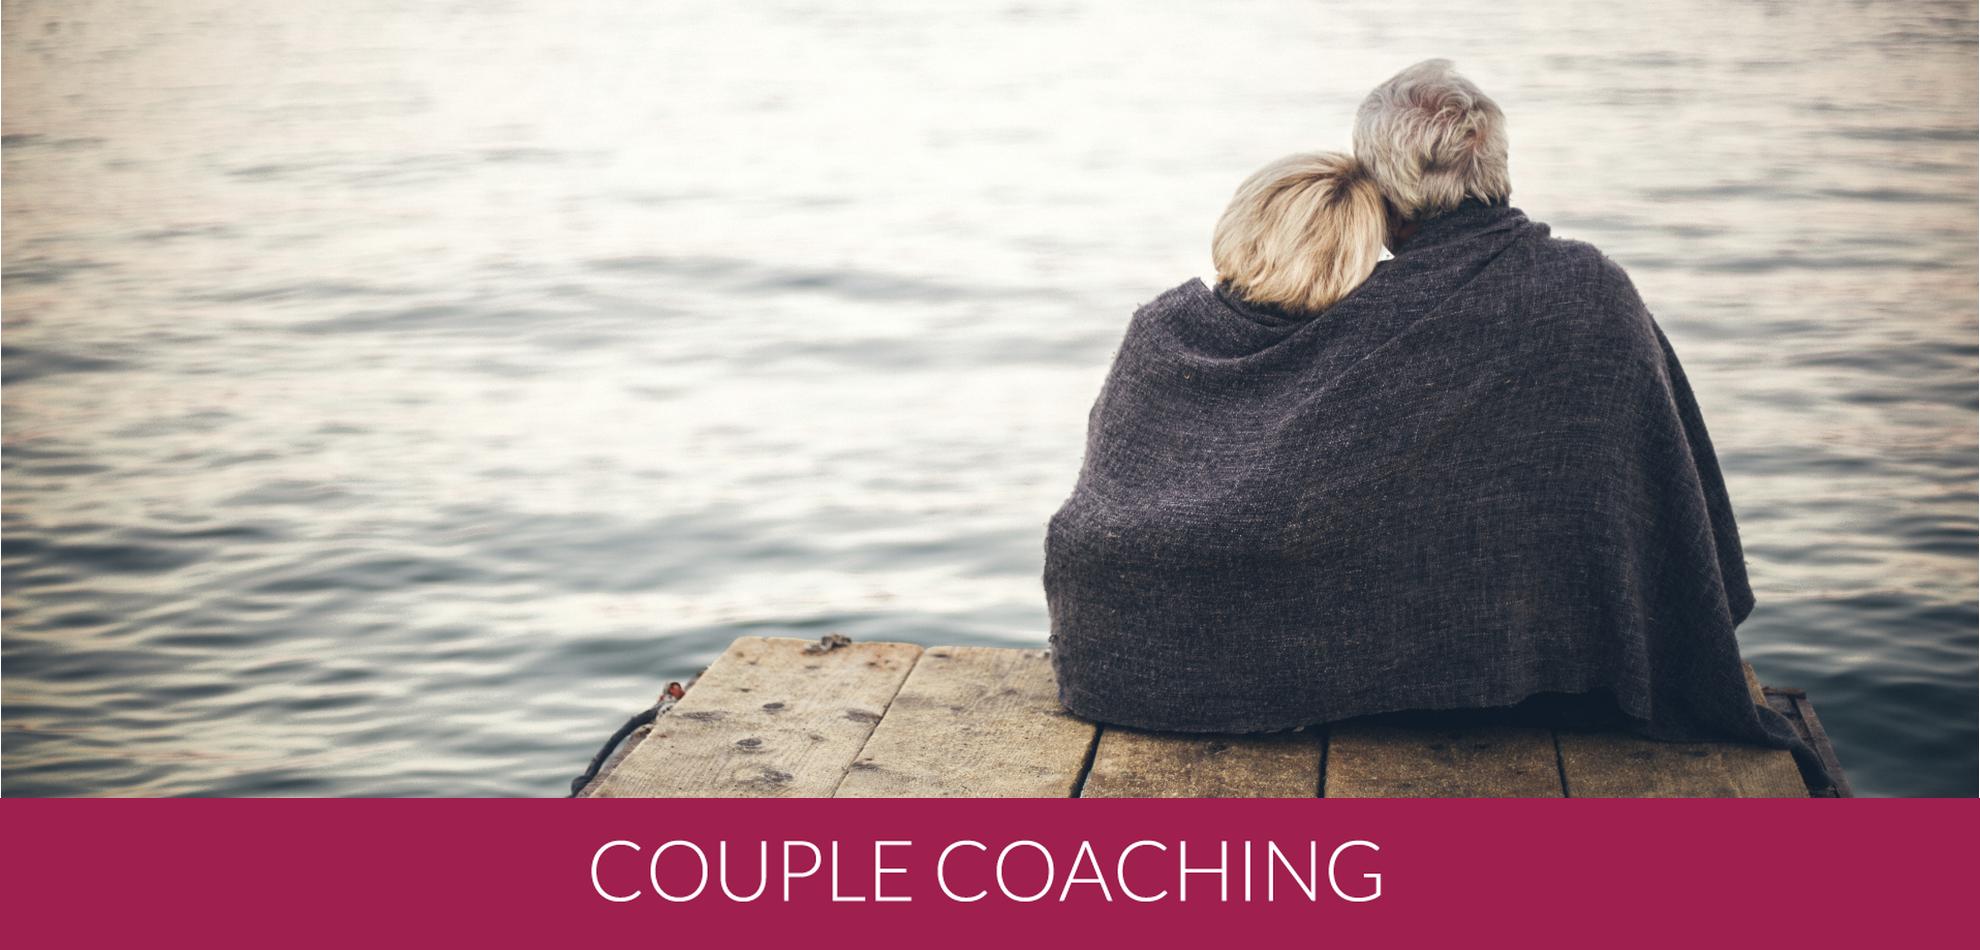 Couple Coaching